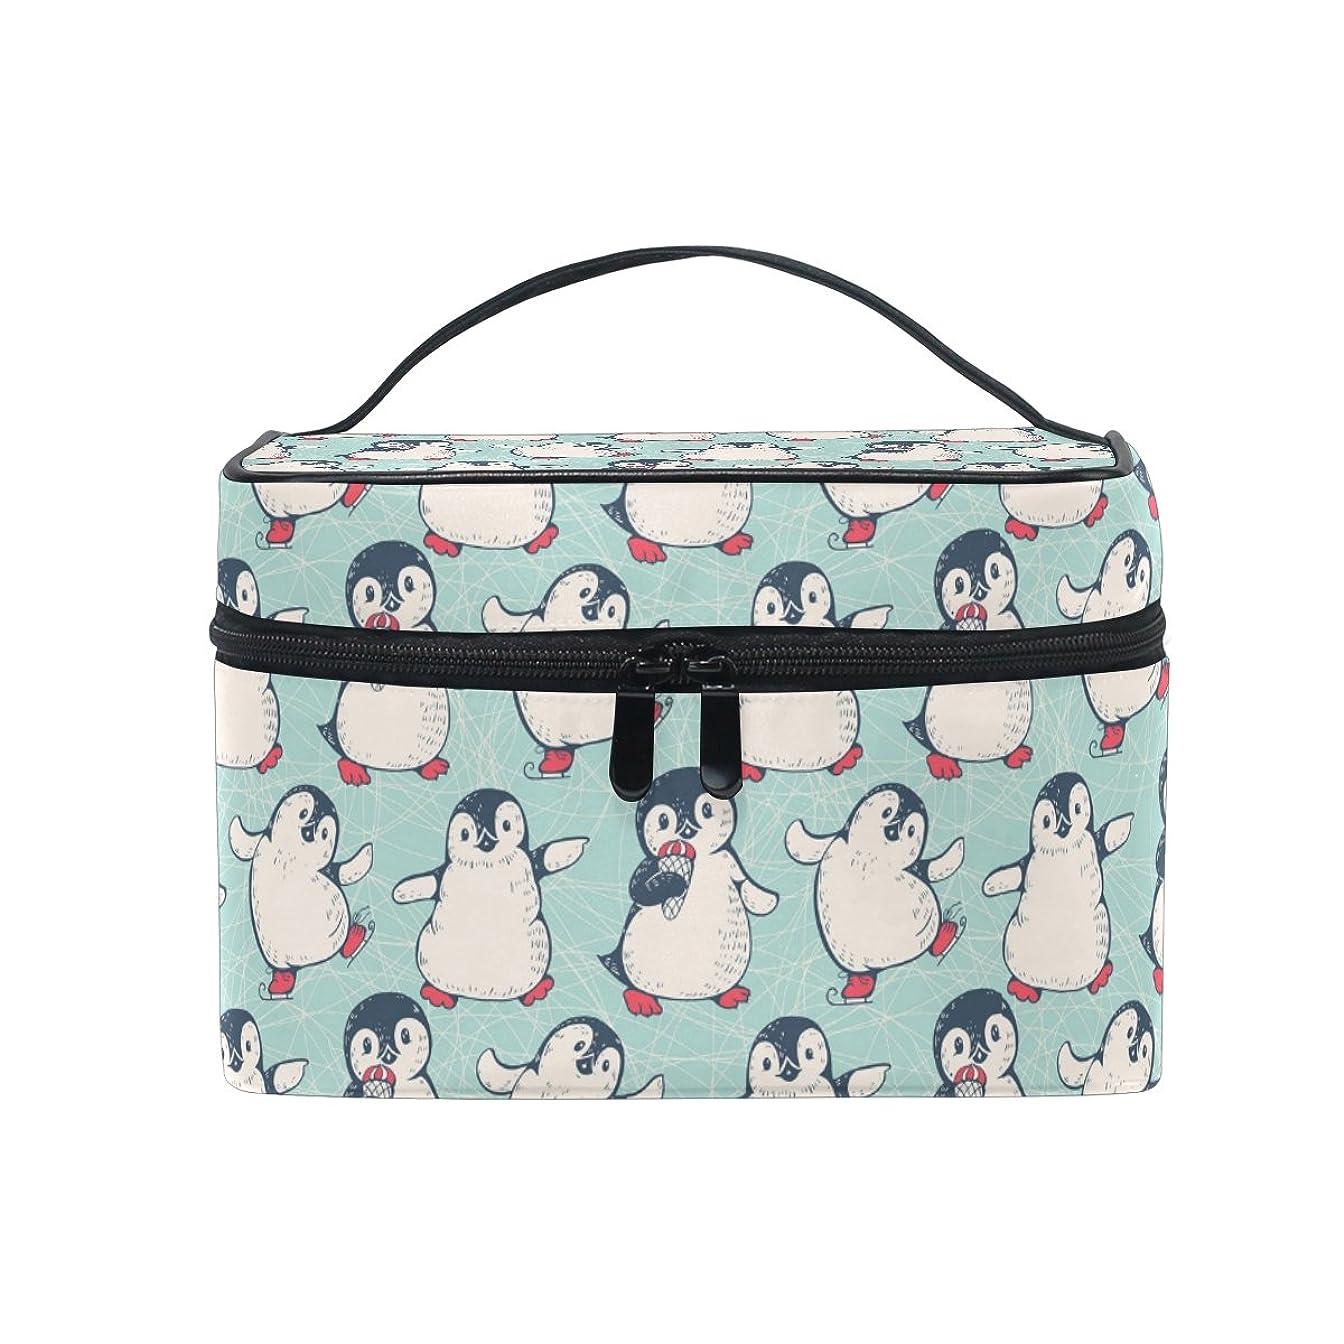 条件付き算術散文ALAZA 化粧ポーチ ペンギン柄 南極 化粧 メイクボックス 収納用品 グリーン 大きめ かわいい